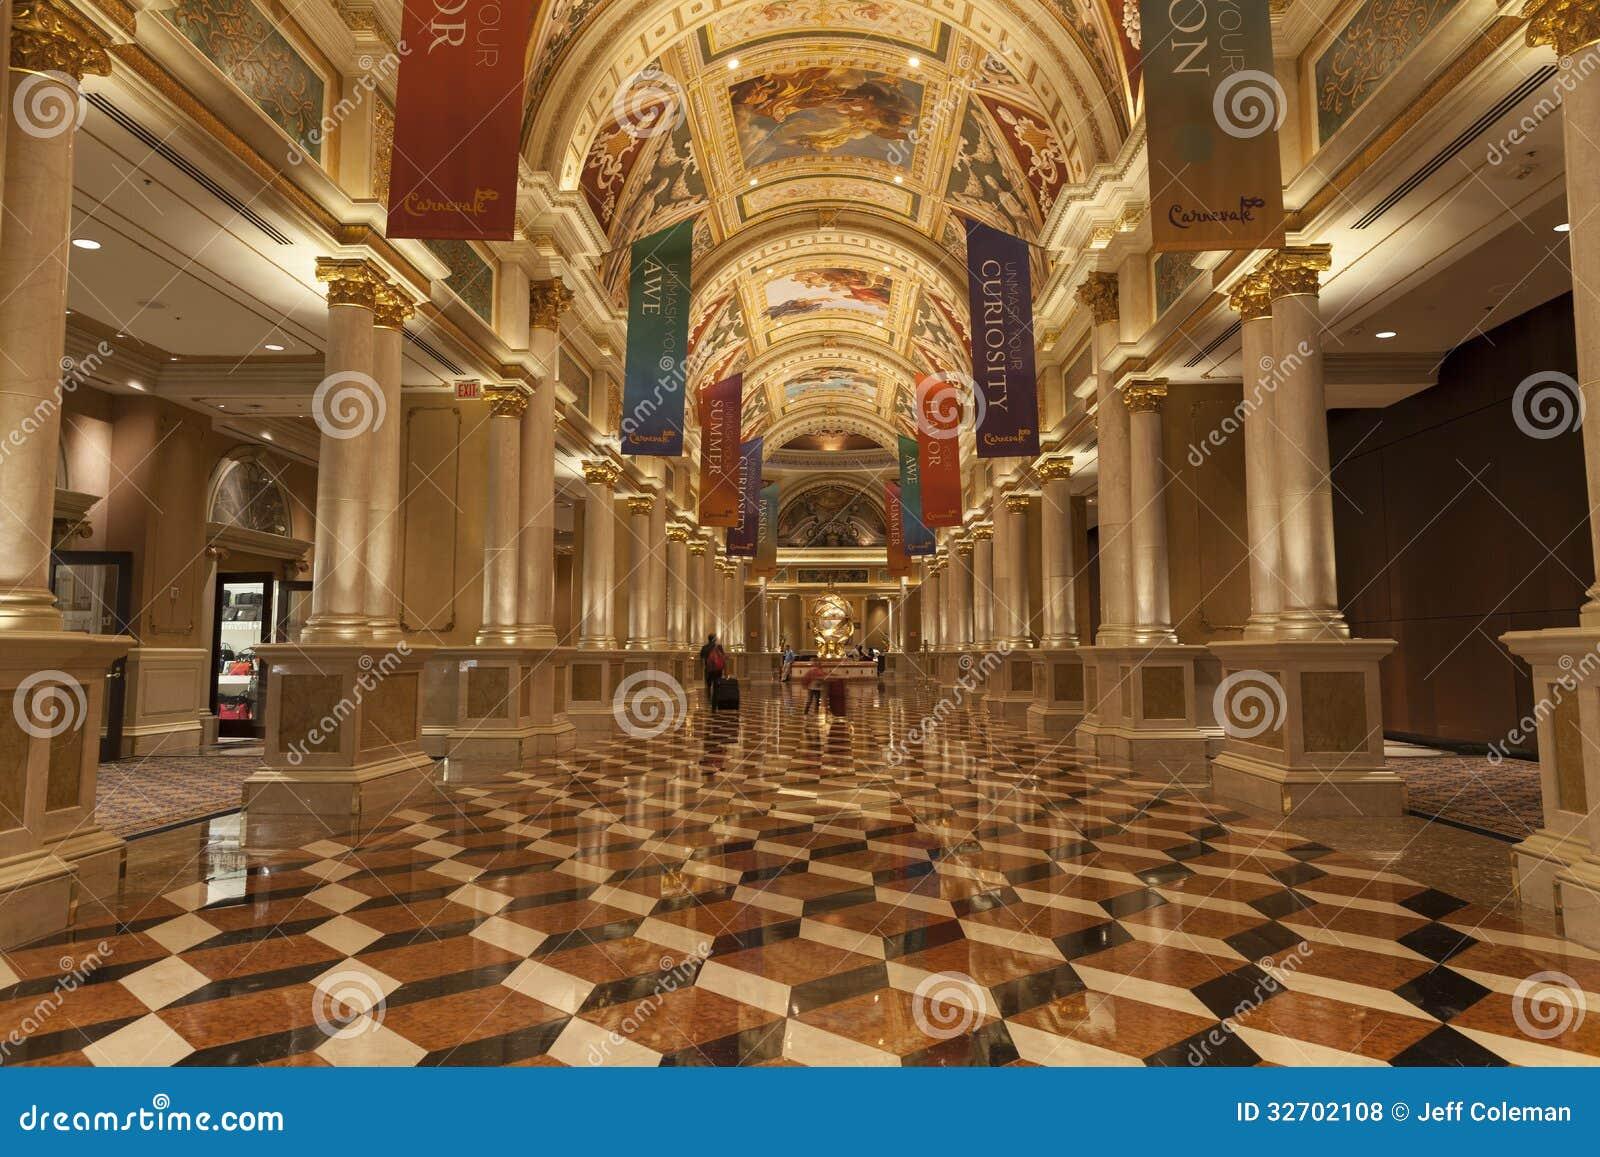 Venetian Interior Design